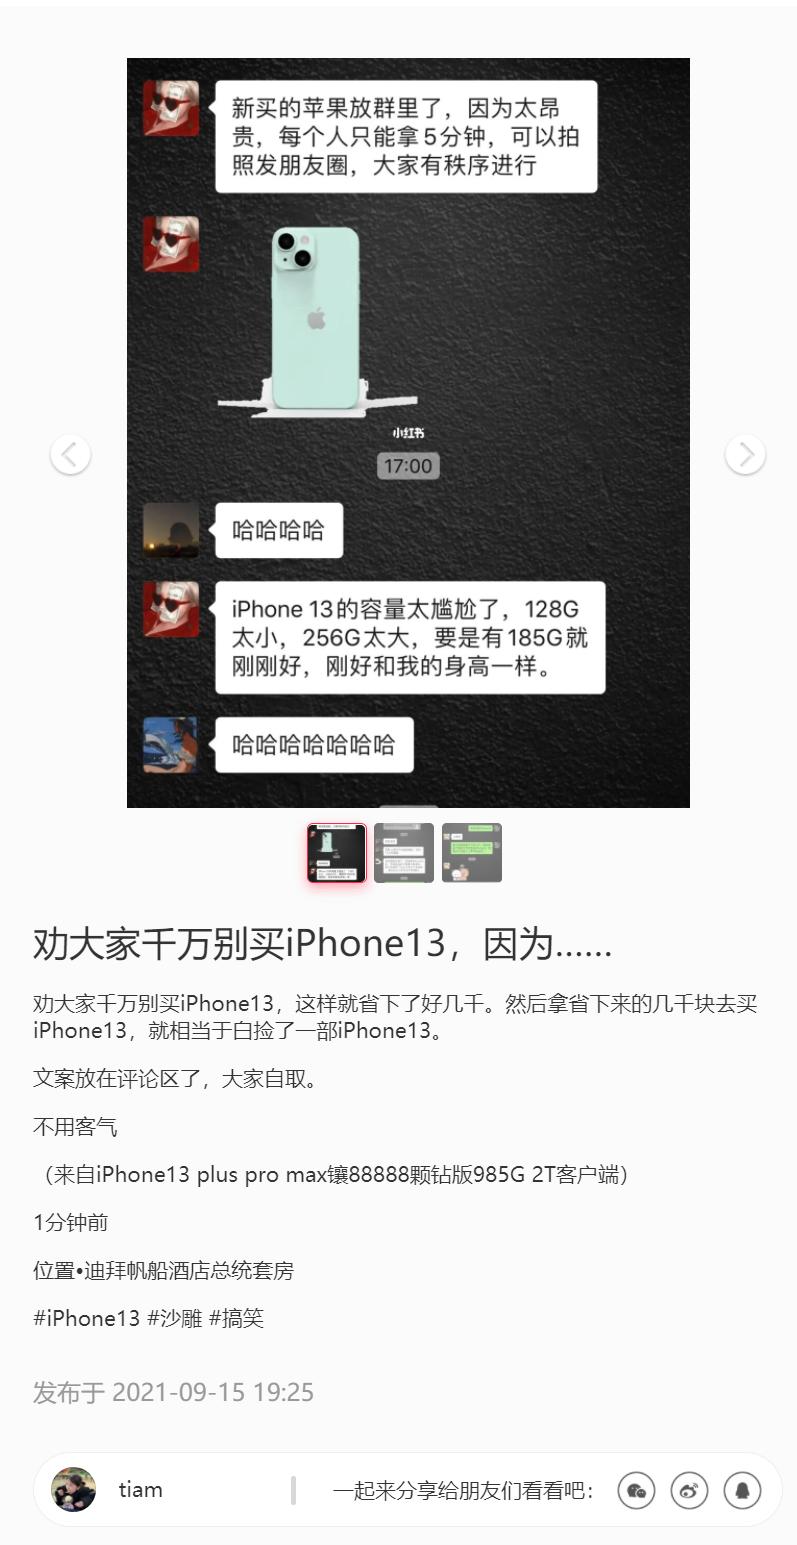 小红书笔记分析 | iPhone13如何精准营销当代年轻人